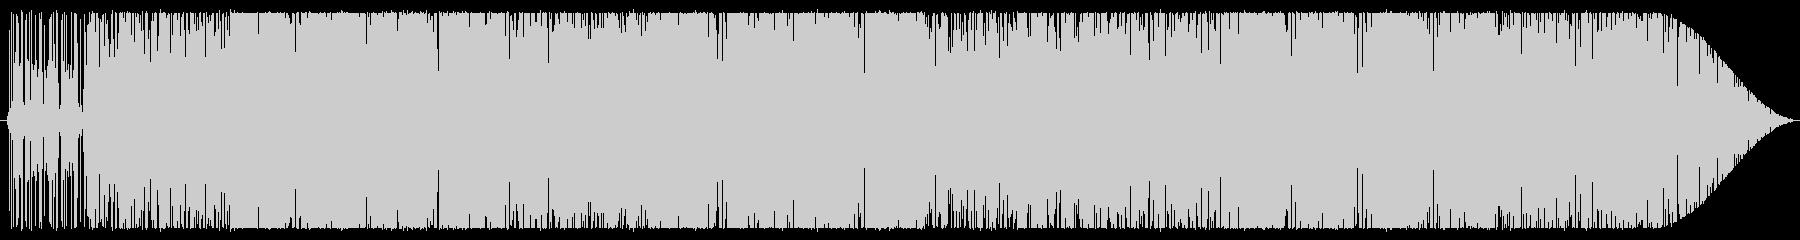 スラップベースを印象的に!の未再生の波形